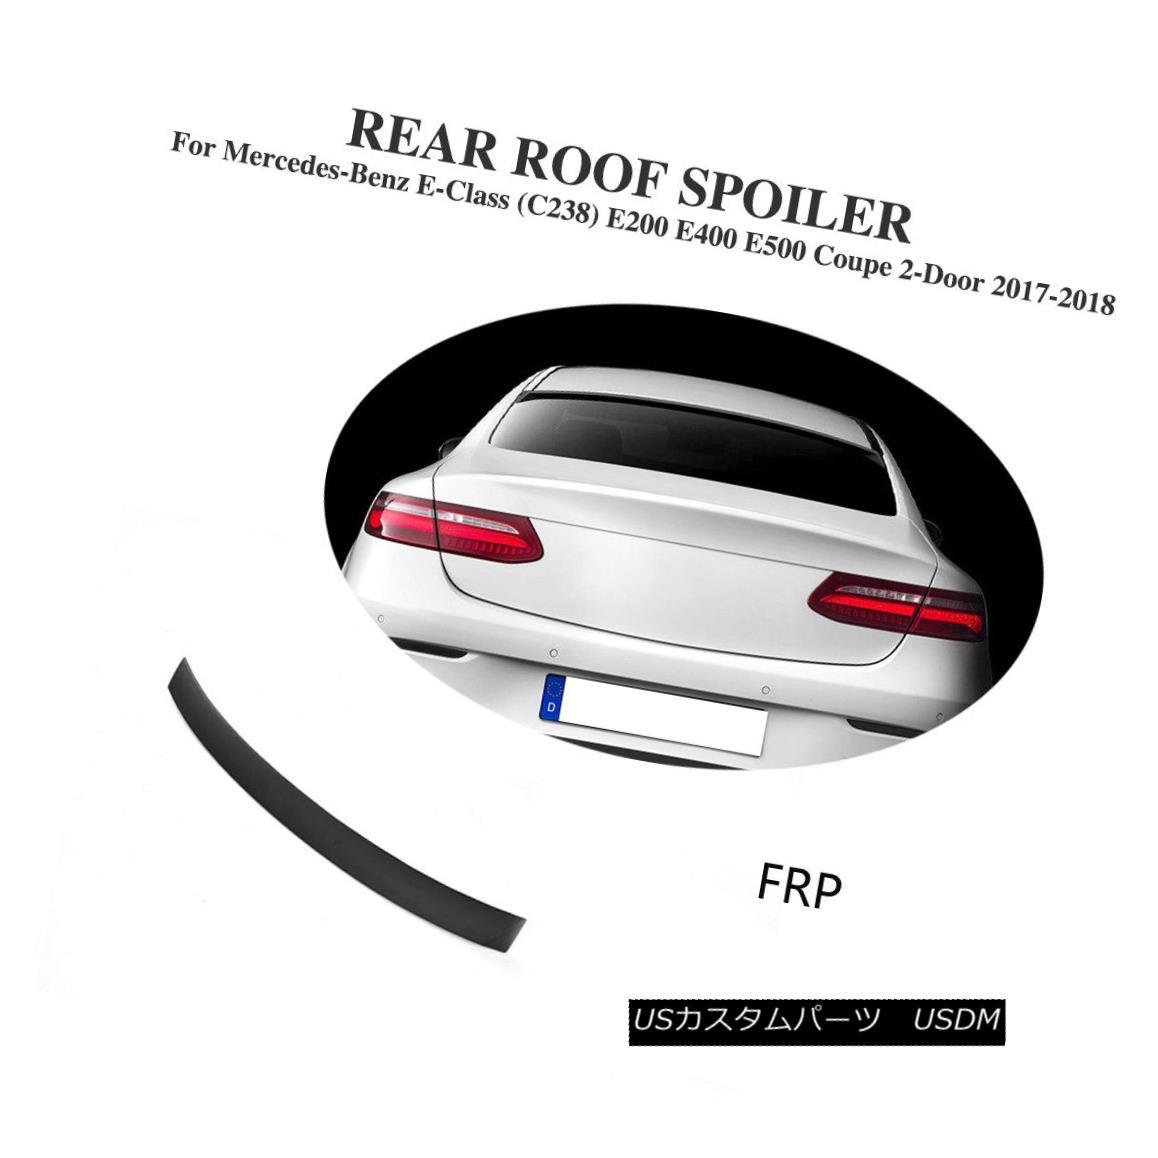 エアロパーツ Roof Spoiler FRP Unpainted Fit For Benz E-Class C238 E200 E400 E500 Coupe 17-18 ベンツEクラスC238 E200 E400 E500クーペ17-18用ルーフスポイラーFRP未塗装適合